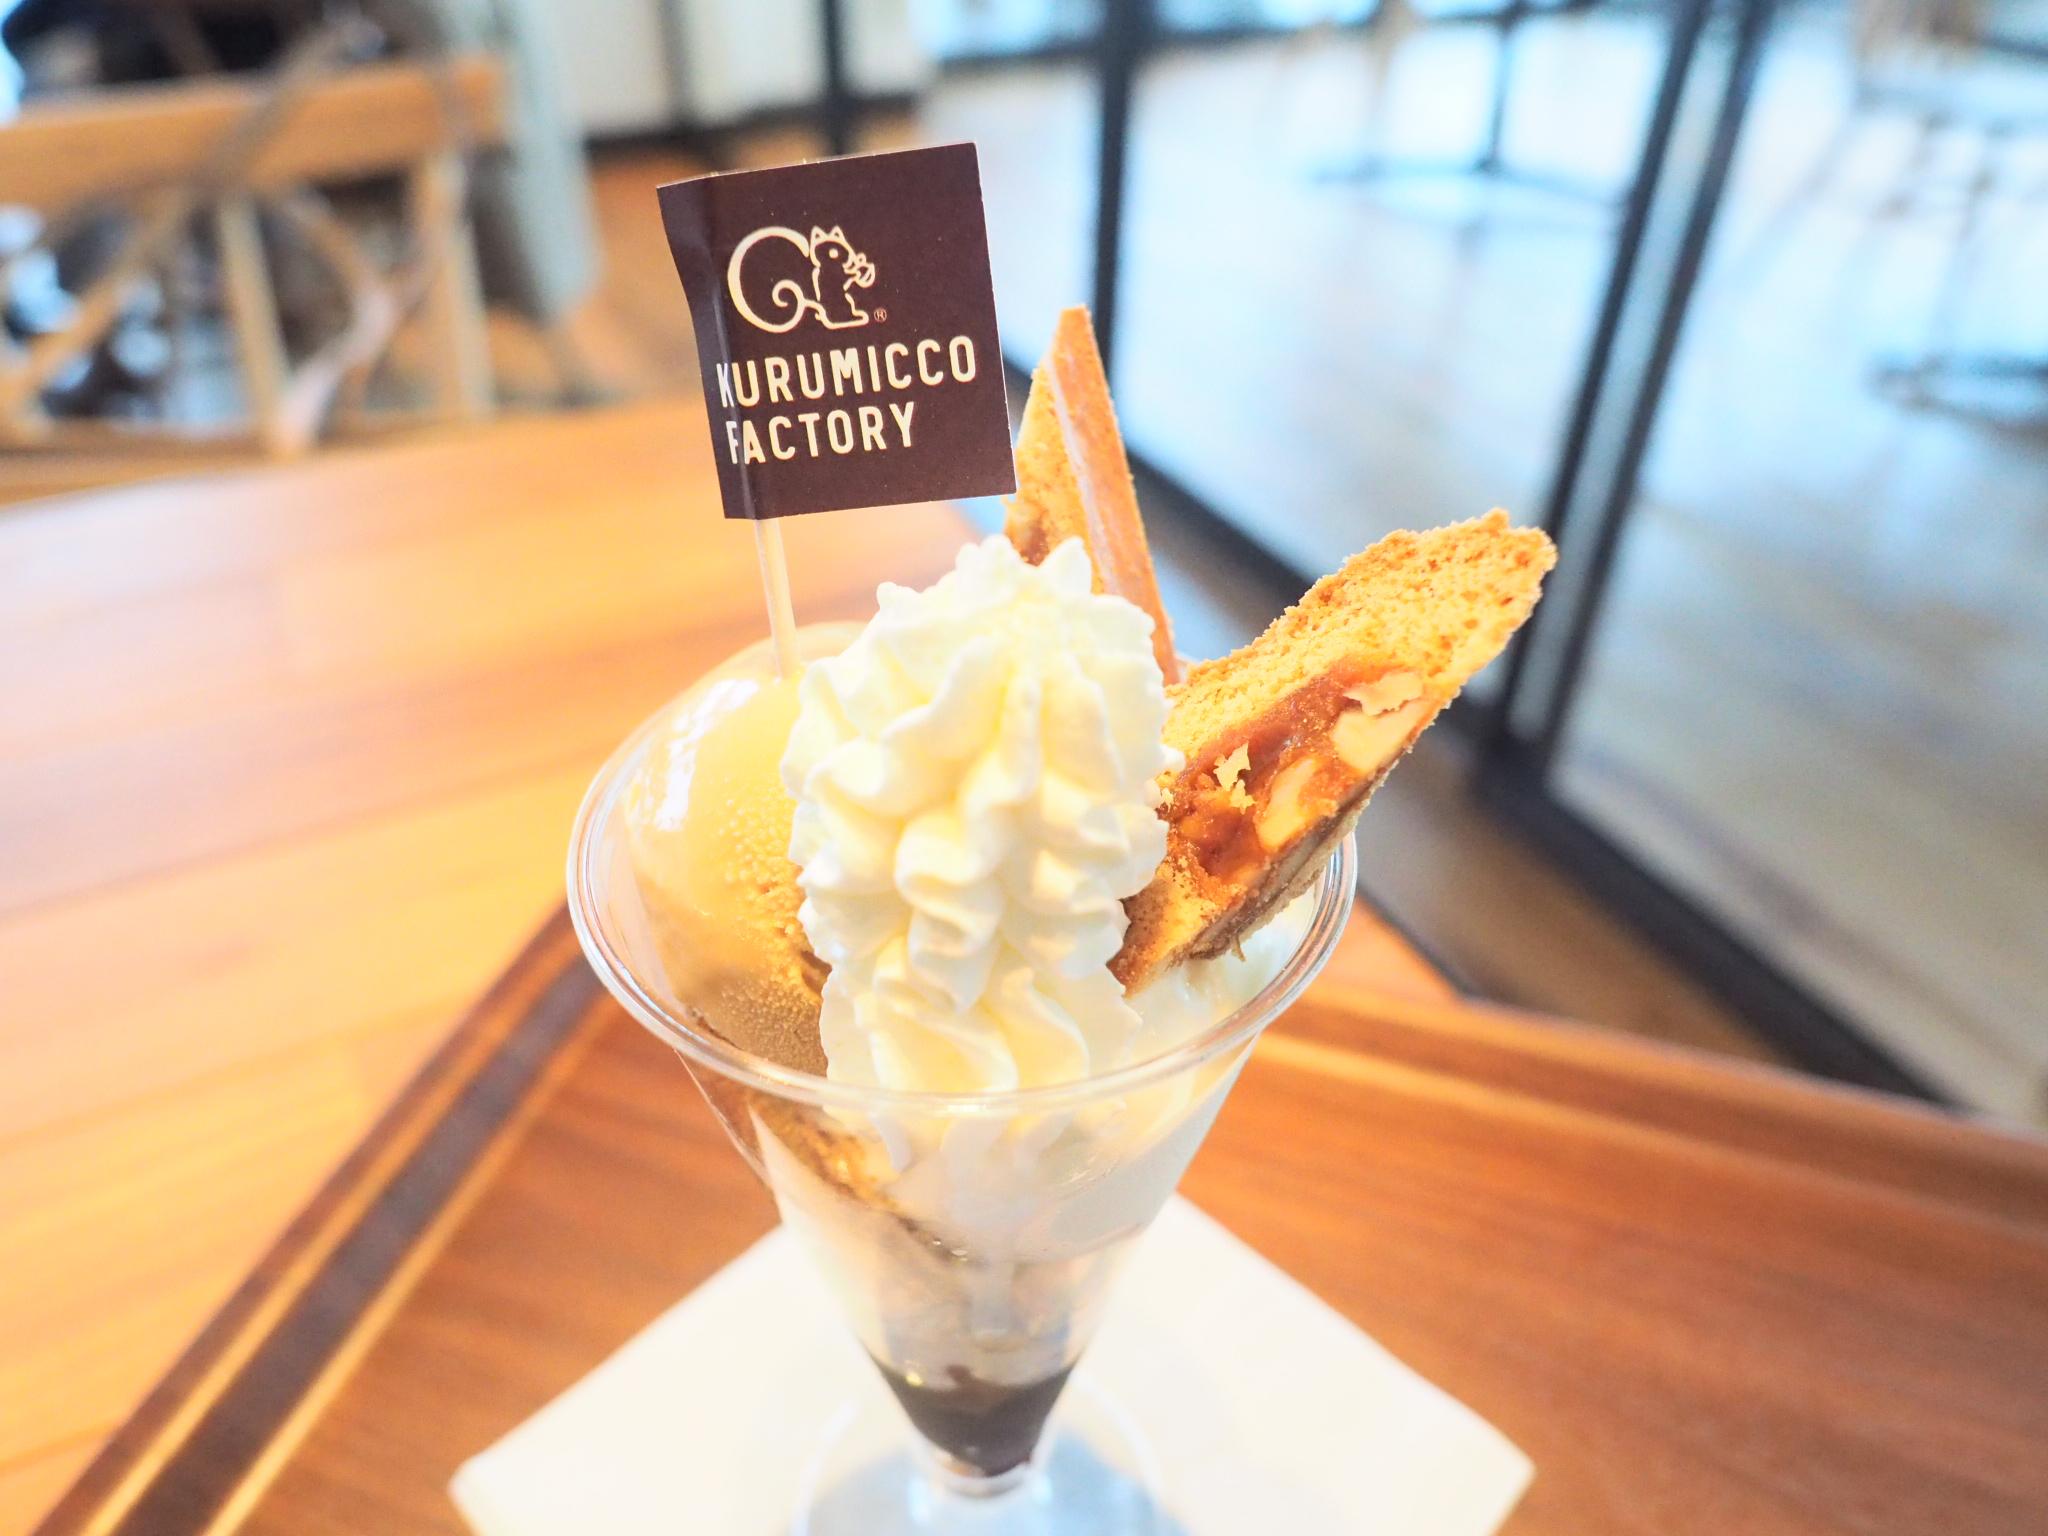 【横浜ハンマーヘッド】クルミッ子ファクトリーのカフェにいってみた